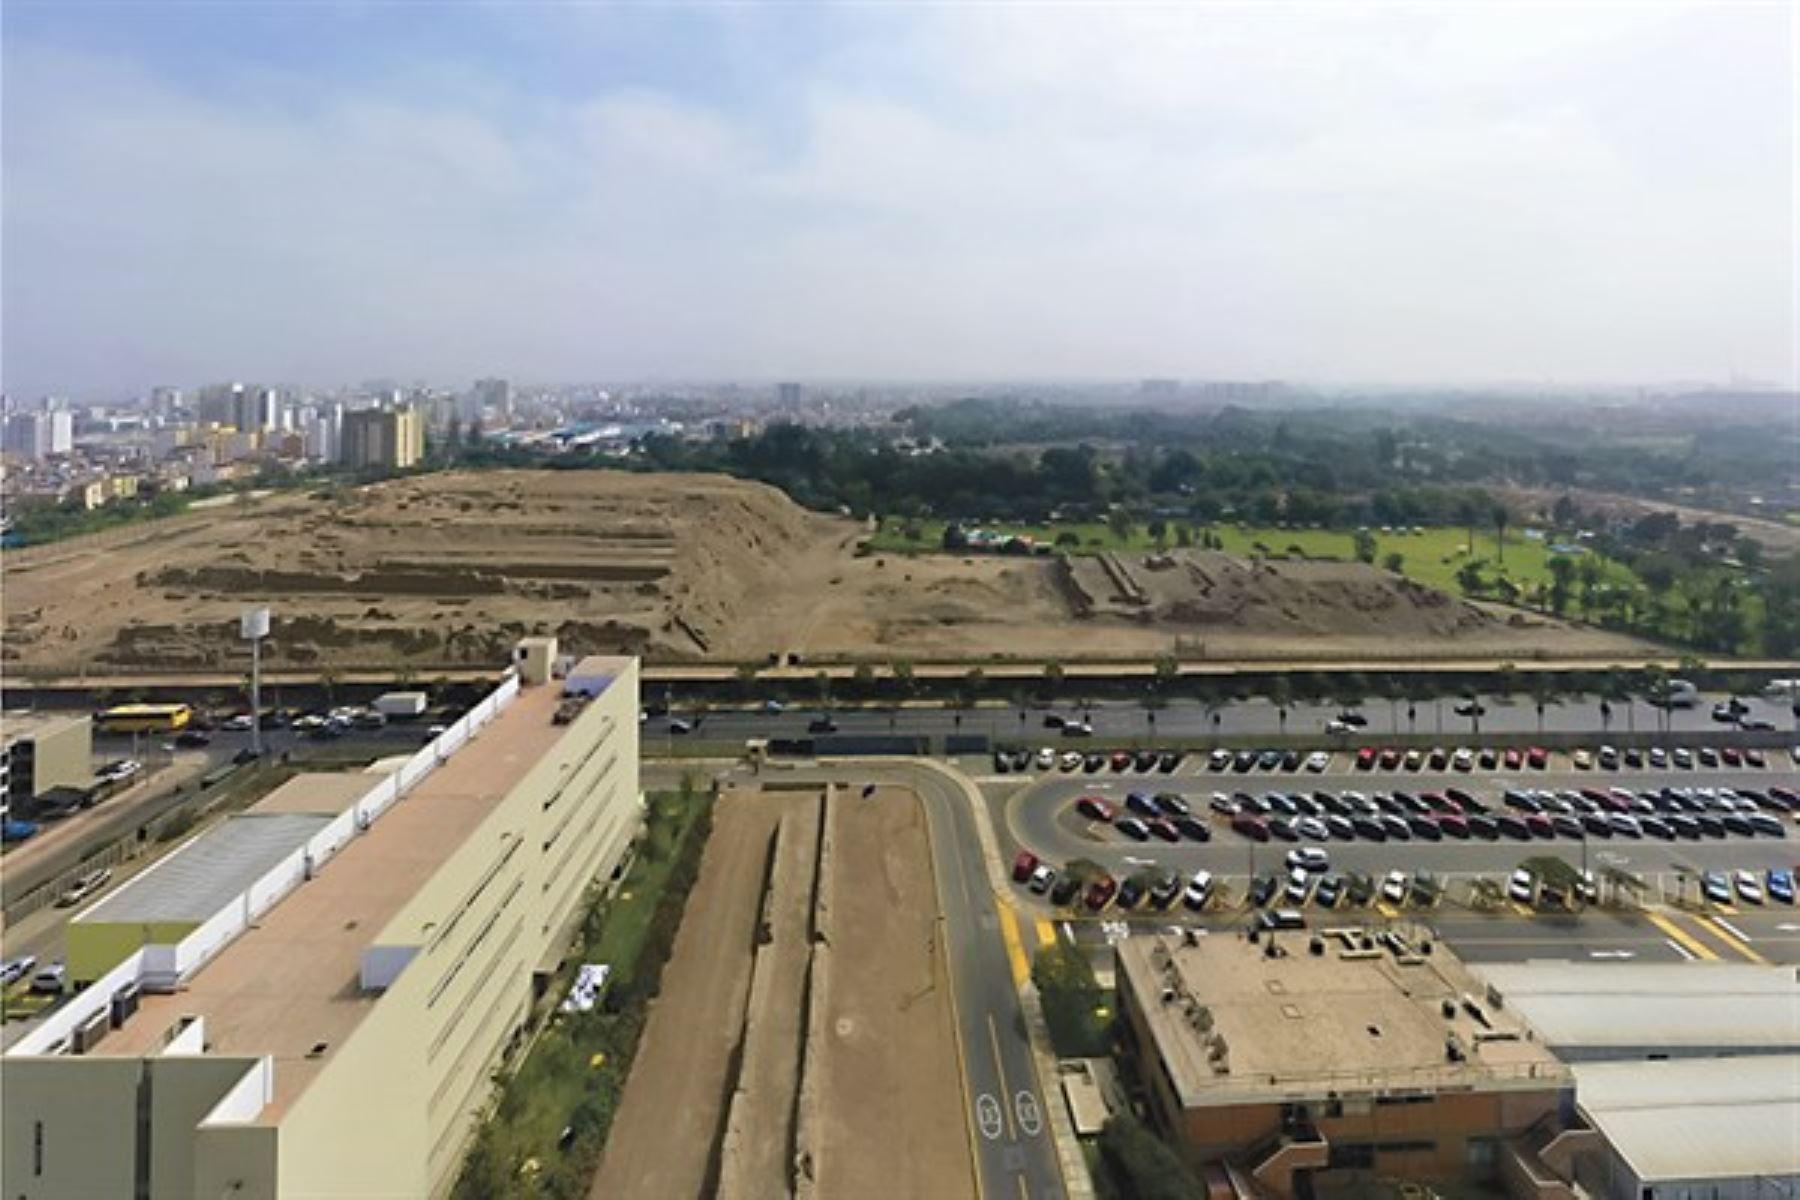 Huacas en el campus de la Universidad Católica del Perú.